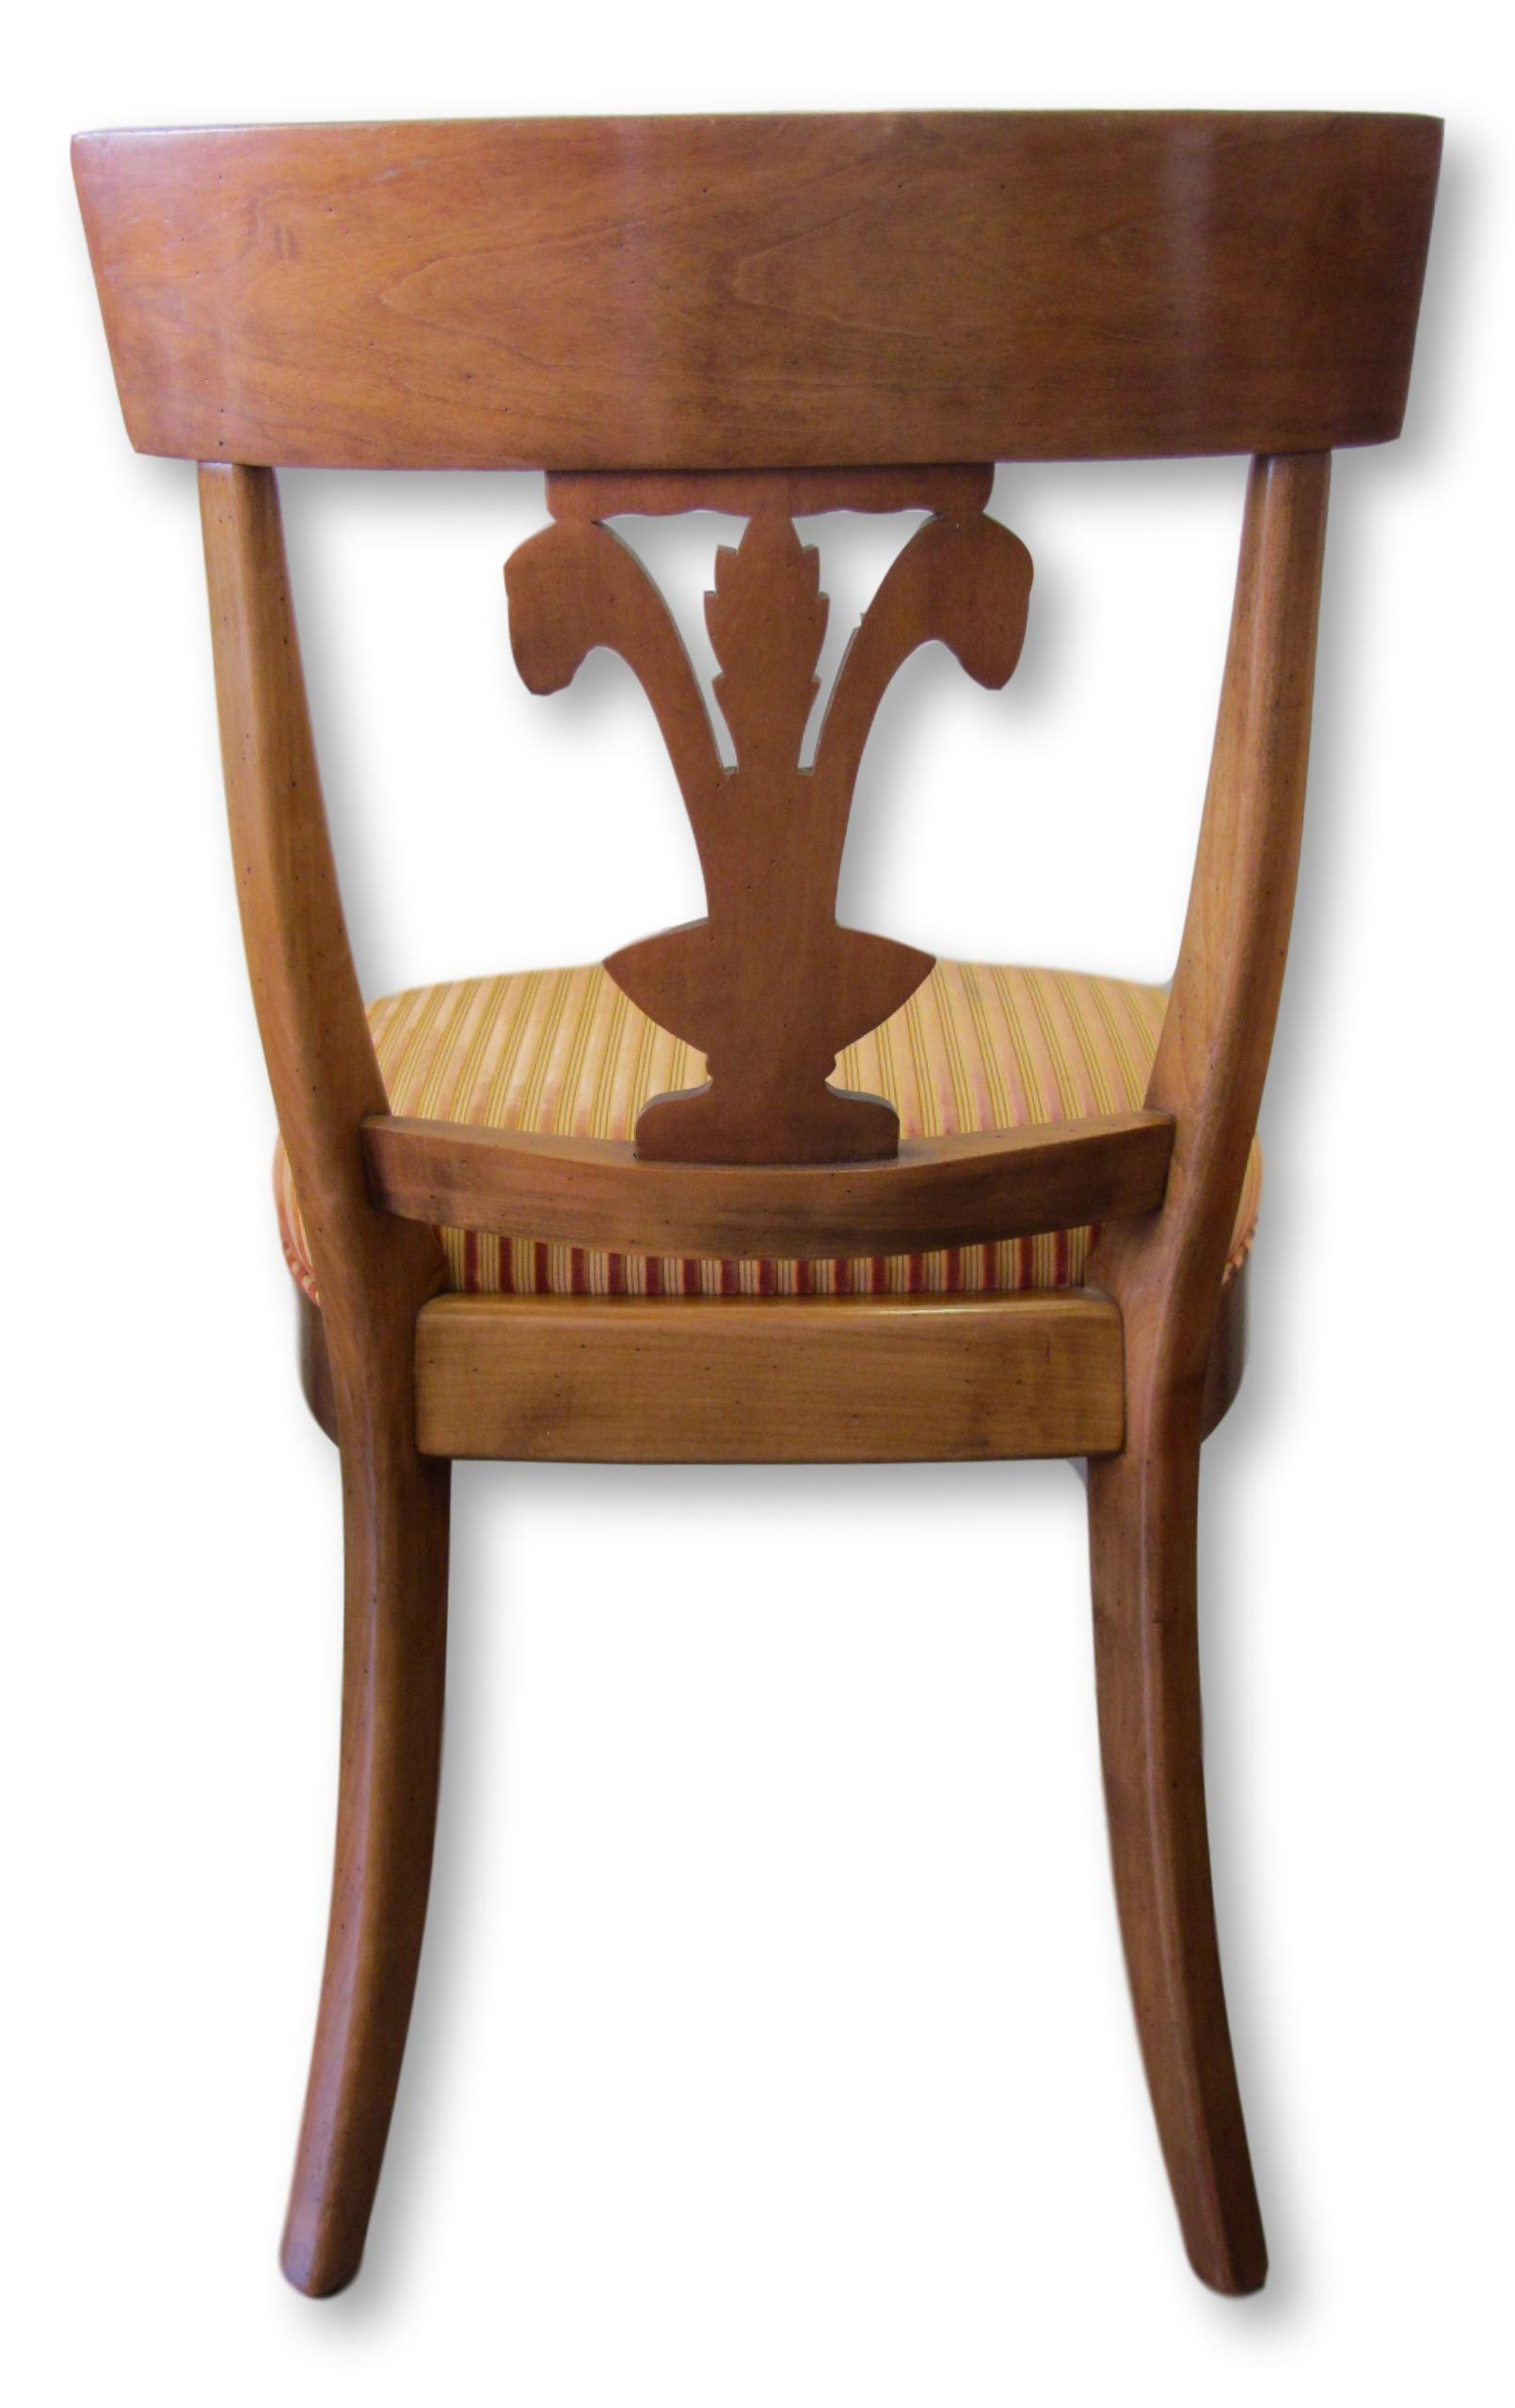 Roche Bobois Fleur De Lis Dining Chairs   Set Of 8   Image 5 Of 10